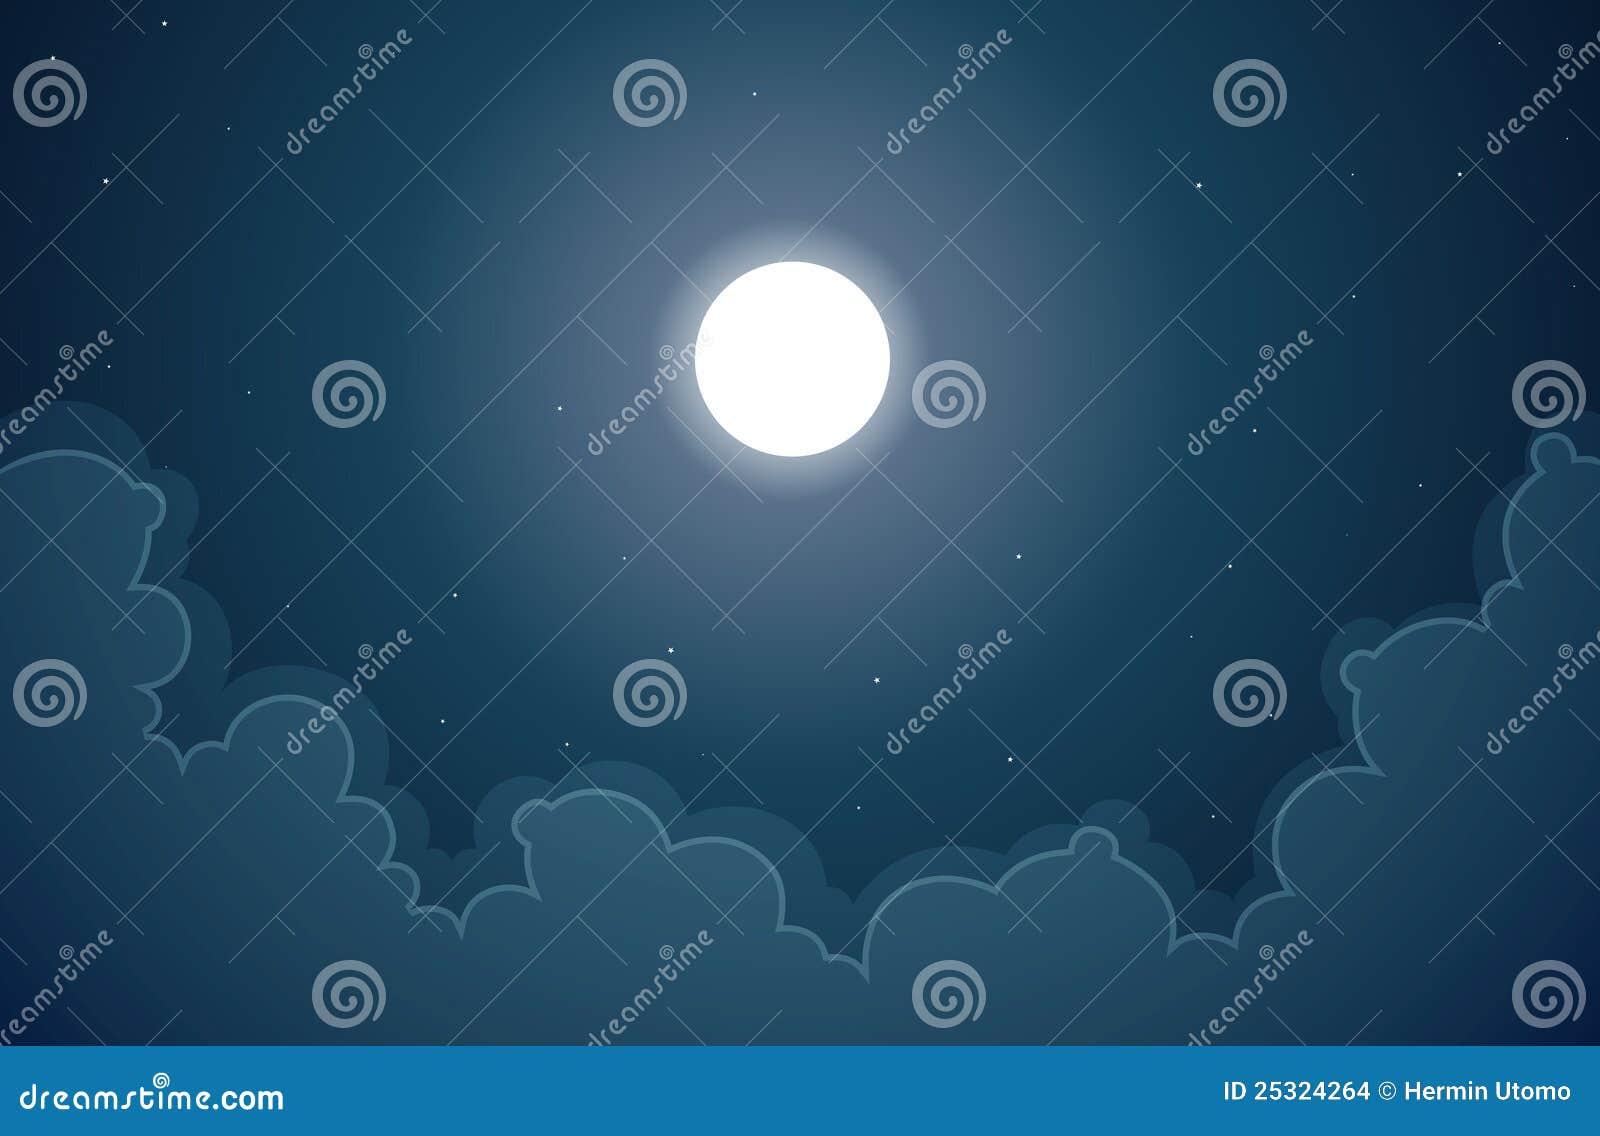 背景黑暗的月亮晚上.图片